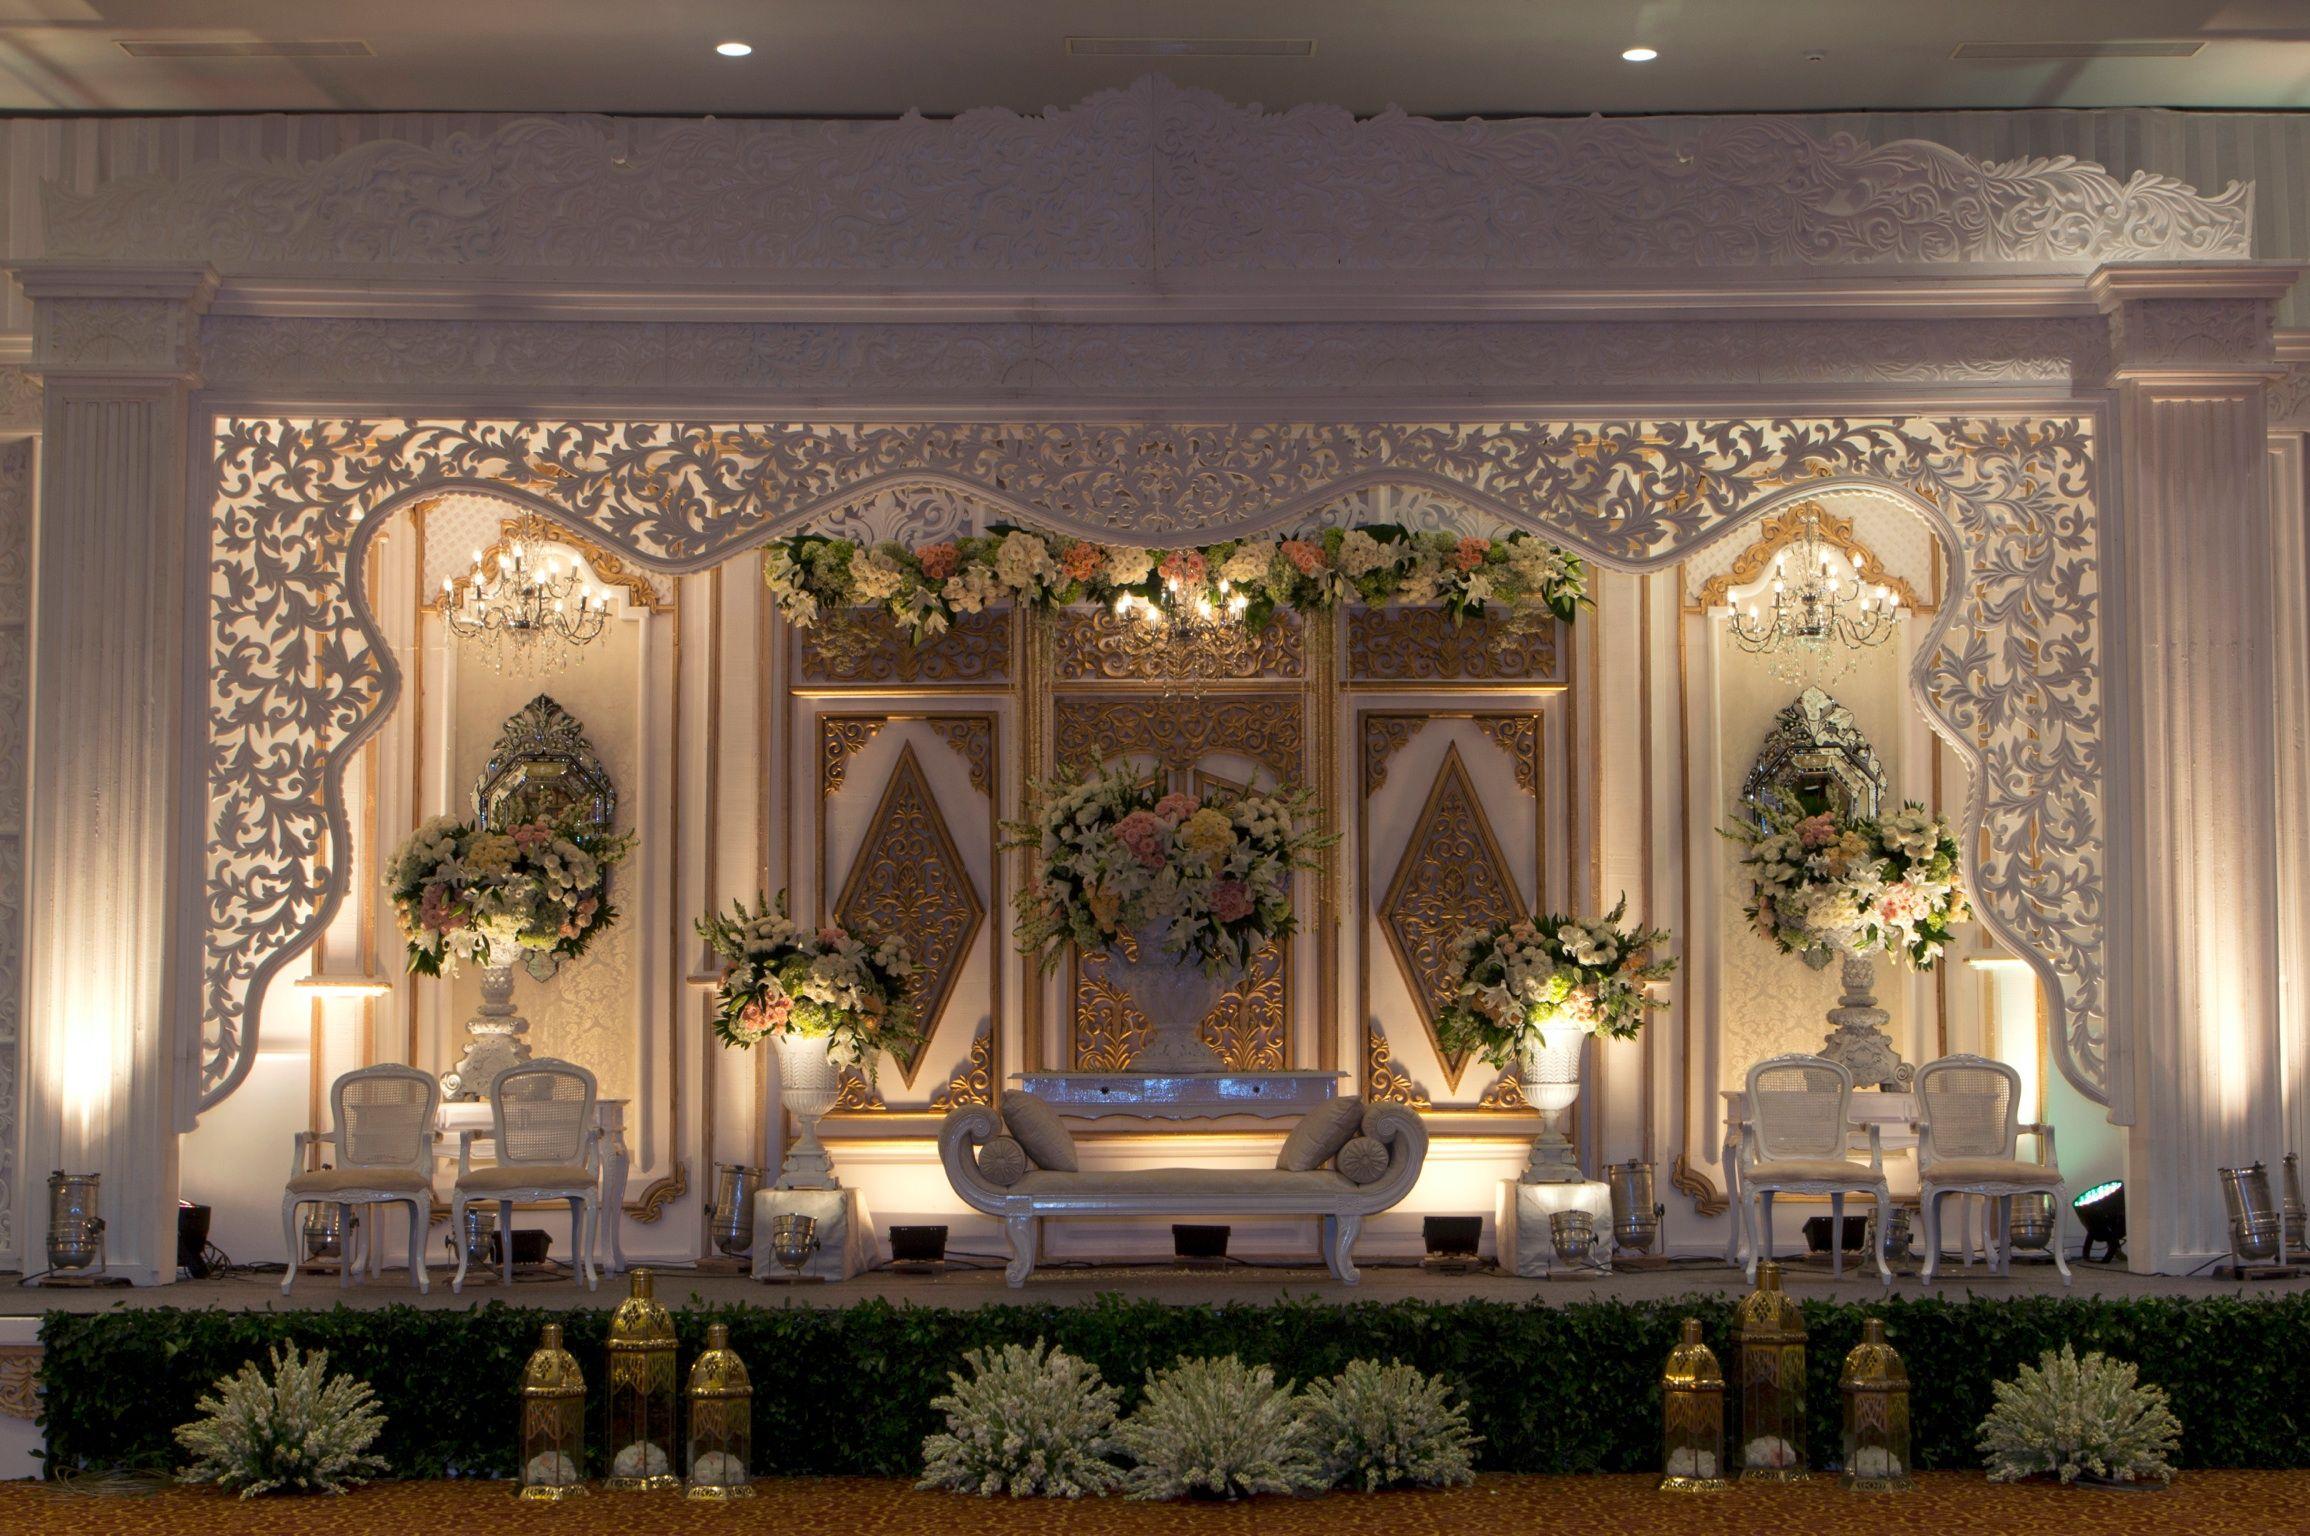 Mawarprada dekorasi pernikahan pelaminan wedding decoration mawarprada dekorasi pernikahan pelaminan wedding decoration romantic jawa junglespirit Images